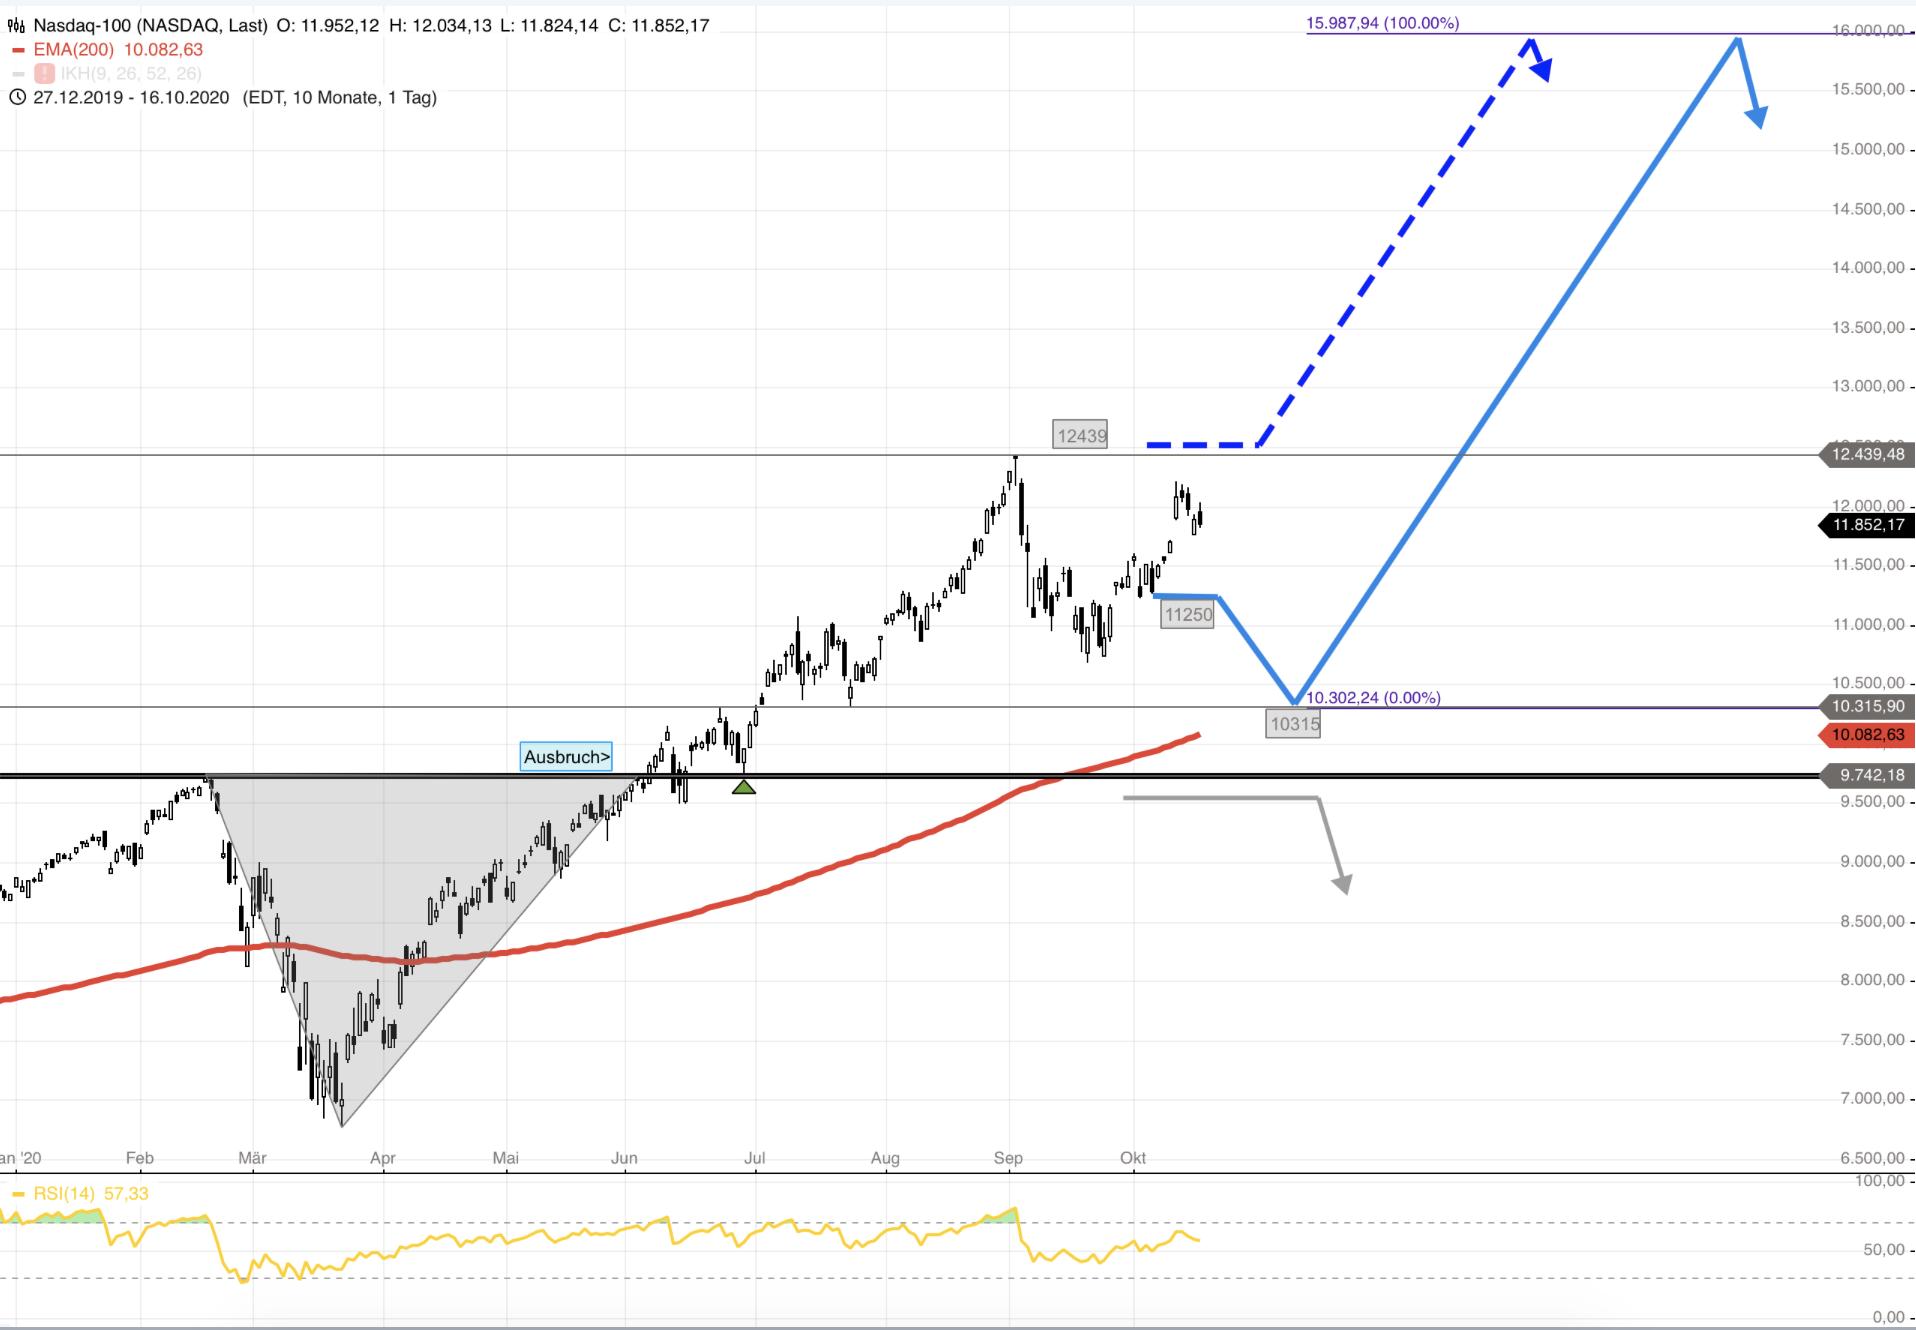 NASDAQ100-2-Marken-für-den-Start-der-Jahresendrally-Chartanalyse-Rocco-Gräfe-GodmodeTrader.de-1